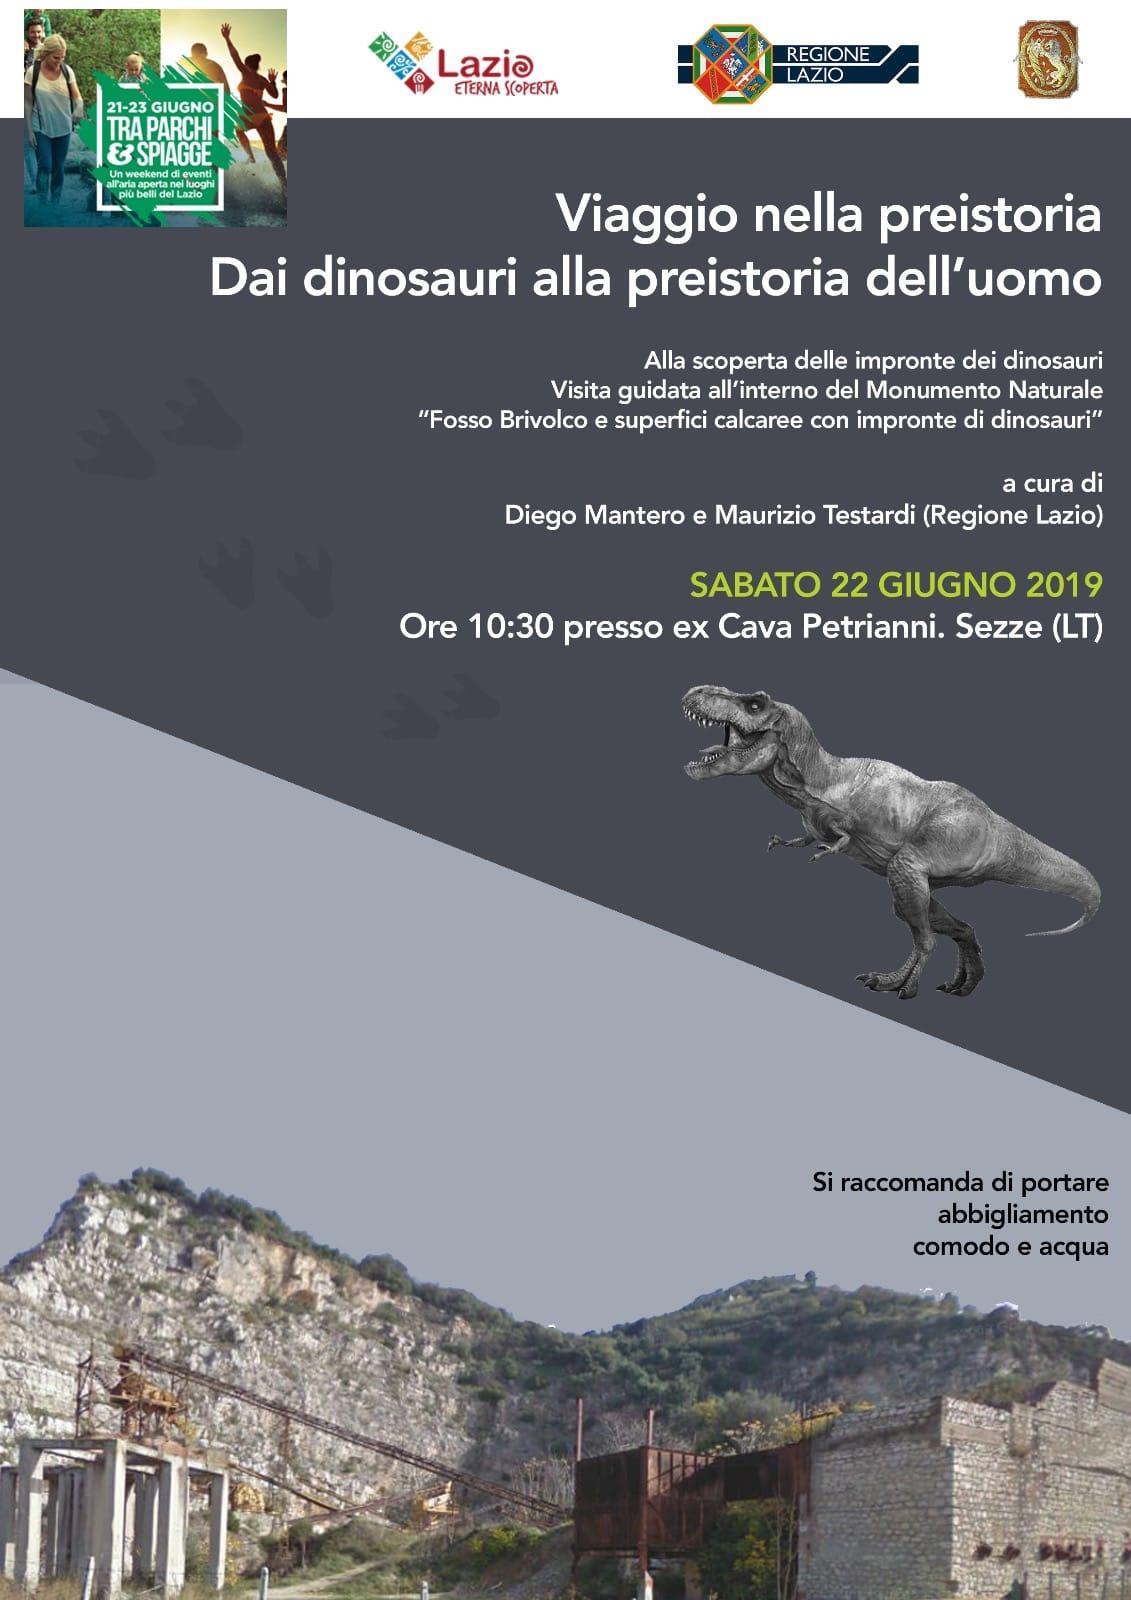 Sezze: Viaggio nella preistoria. Dai dinosauri alla preistoria dell'uomo @ Ex Cava Petrianni | Sezze | Lazio | Italia